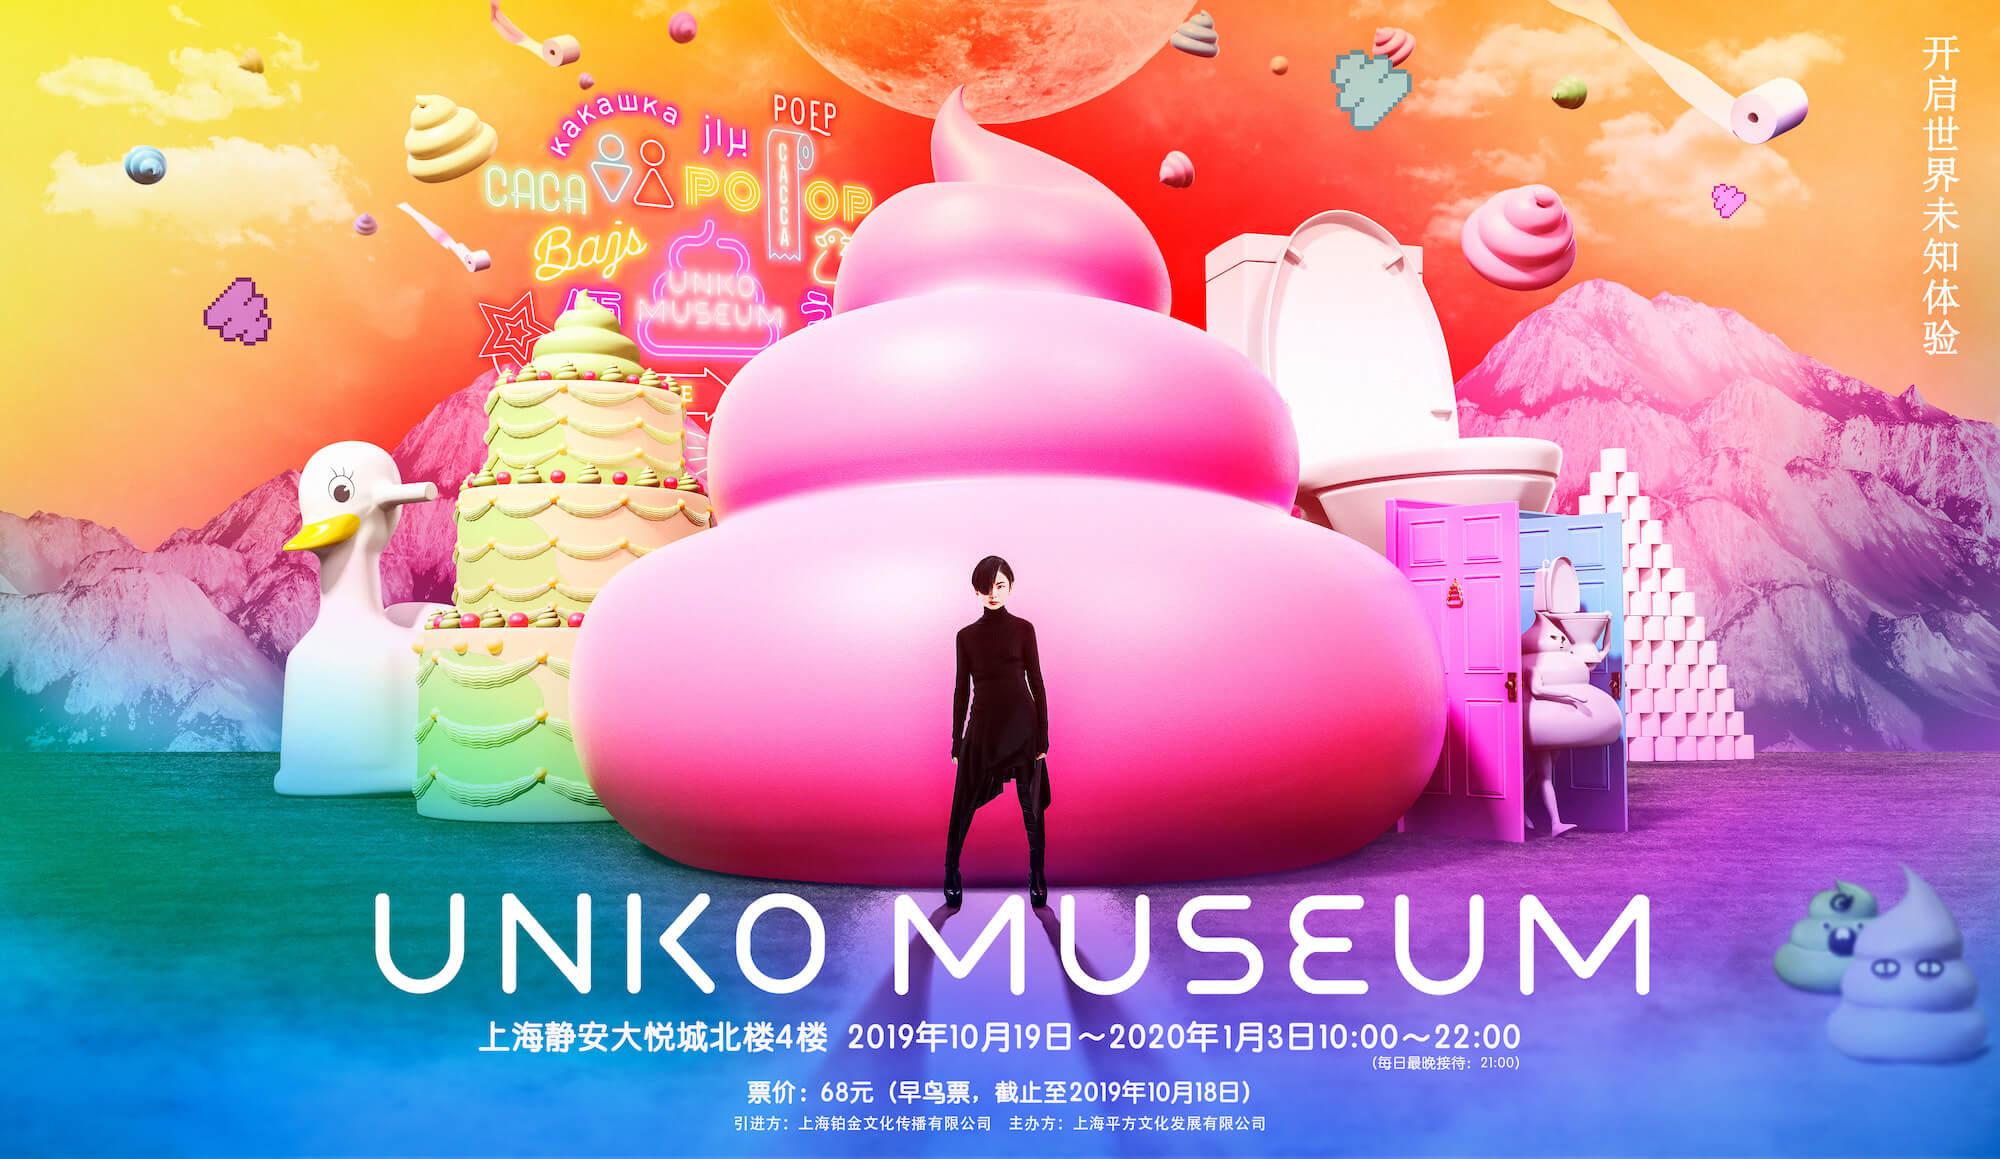 main うんこミュージアム unko museum うんこミュージアム SHANGHAI 上海